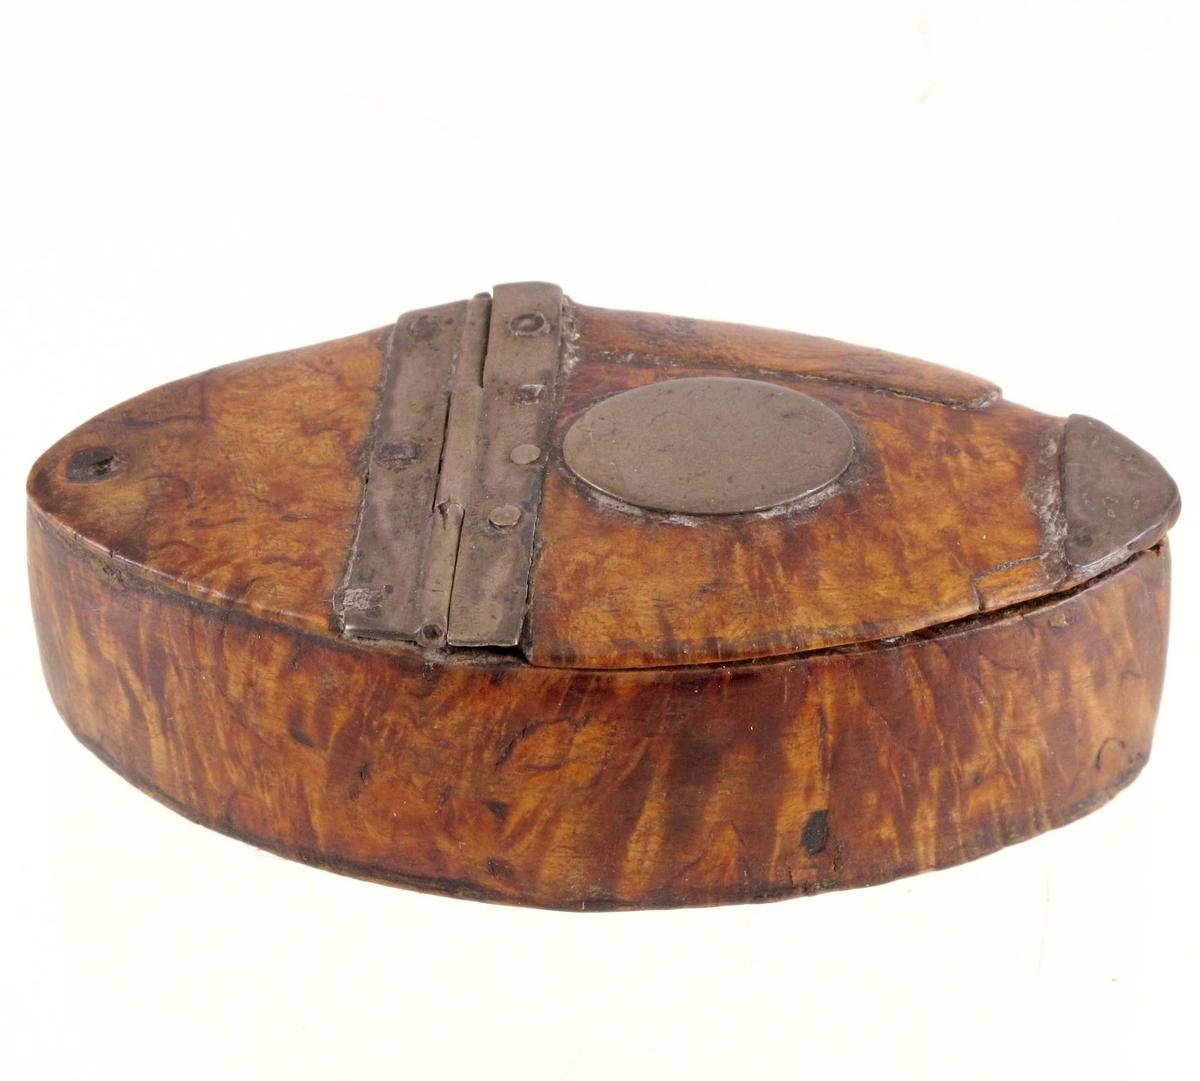 Liten ask med ellipseform, vippelokk løst, har vært festet. Beslag og små detaljer av metall